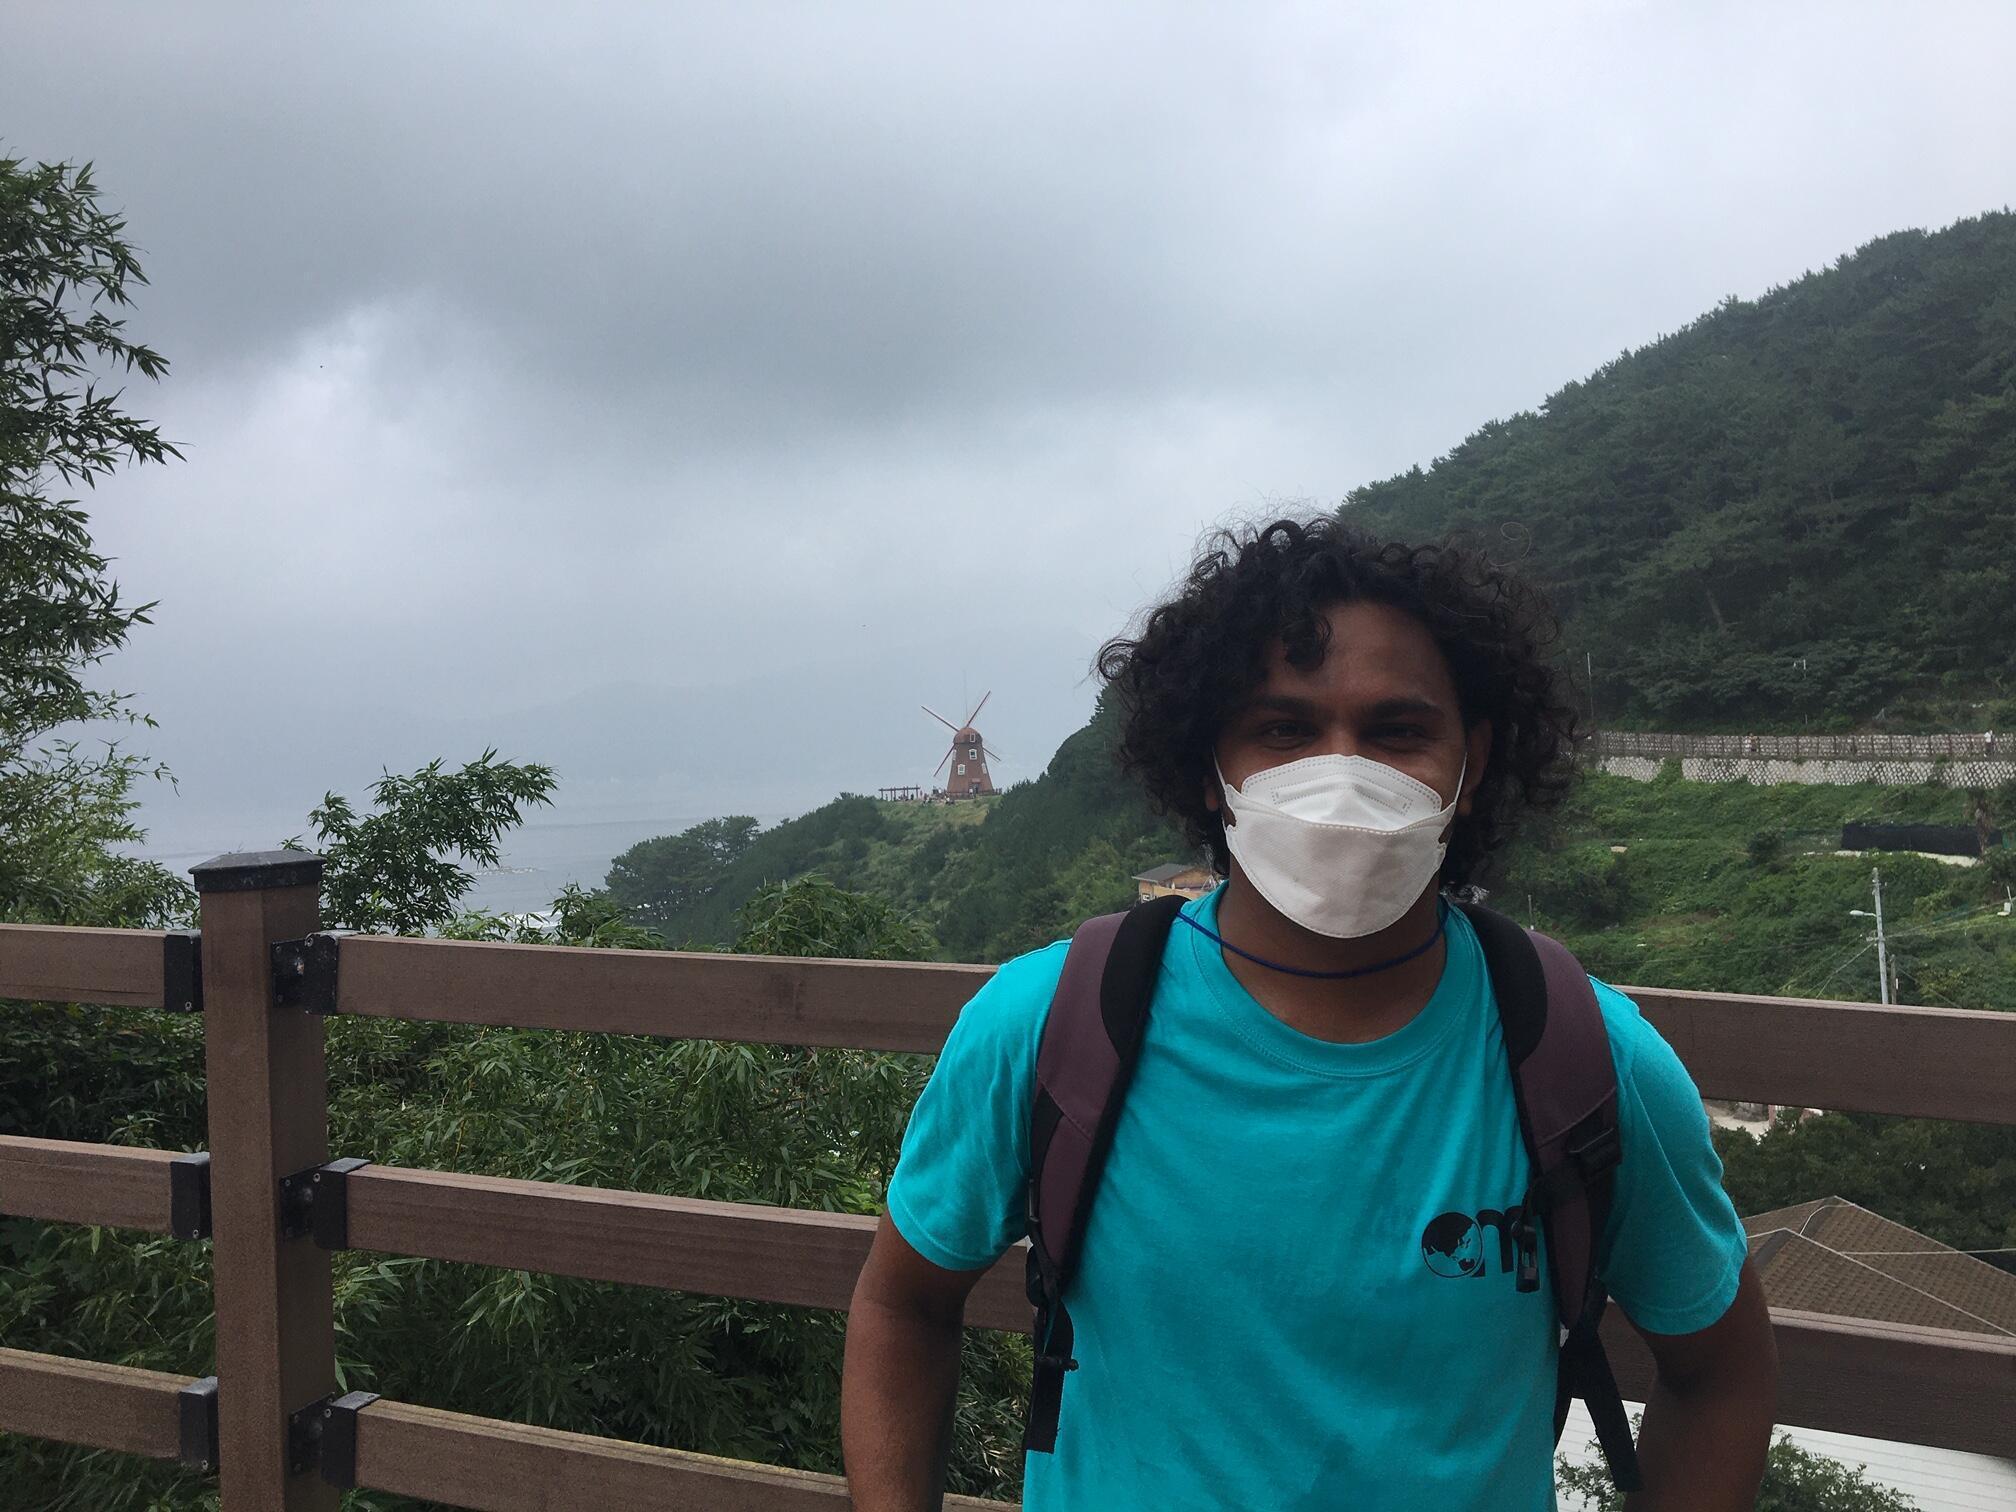 Originaire de la ville de Kandy au Sri Lanka, Sanjeewa, 38 ans est arrivé en Corée du Sud en 2016. Depuis le 30 mai dernier, il n'a plus de travail et attend de trouver un billet d'avion pas trop cher pour rentrer chez lui.